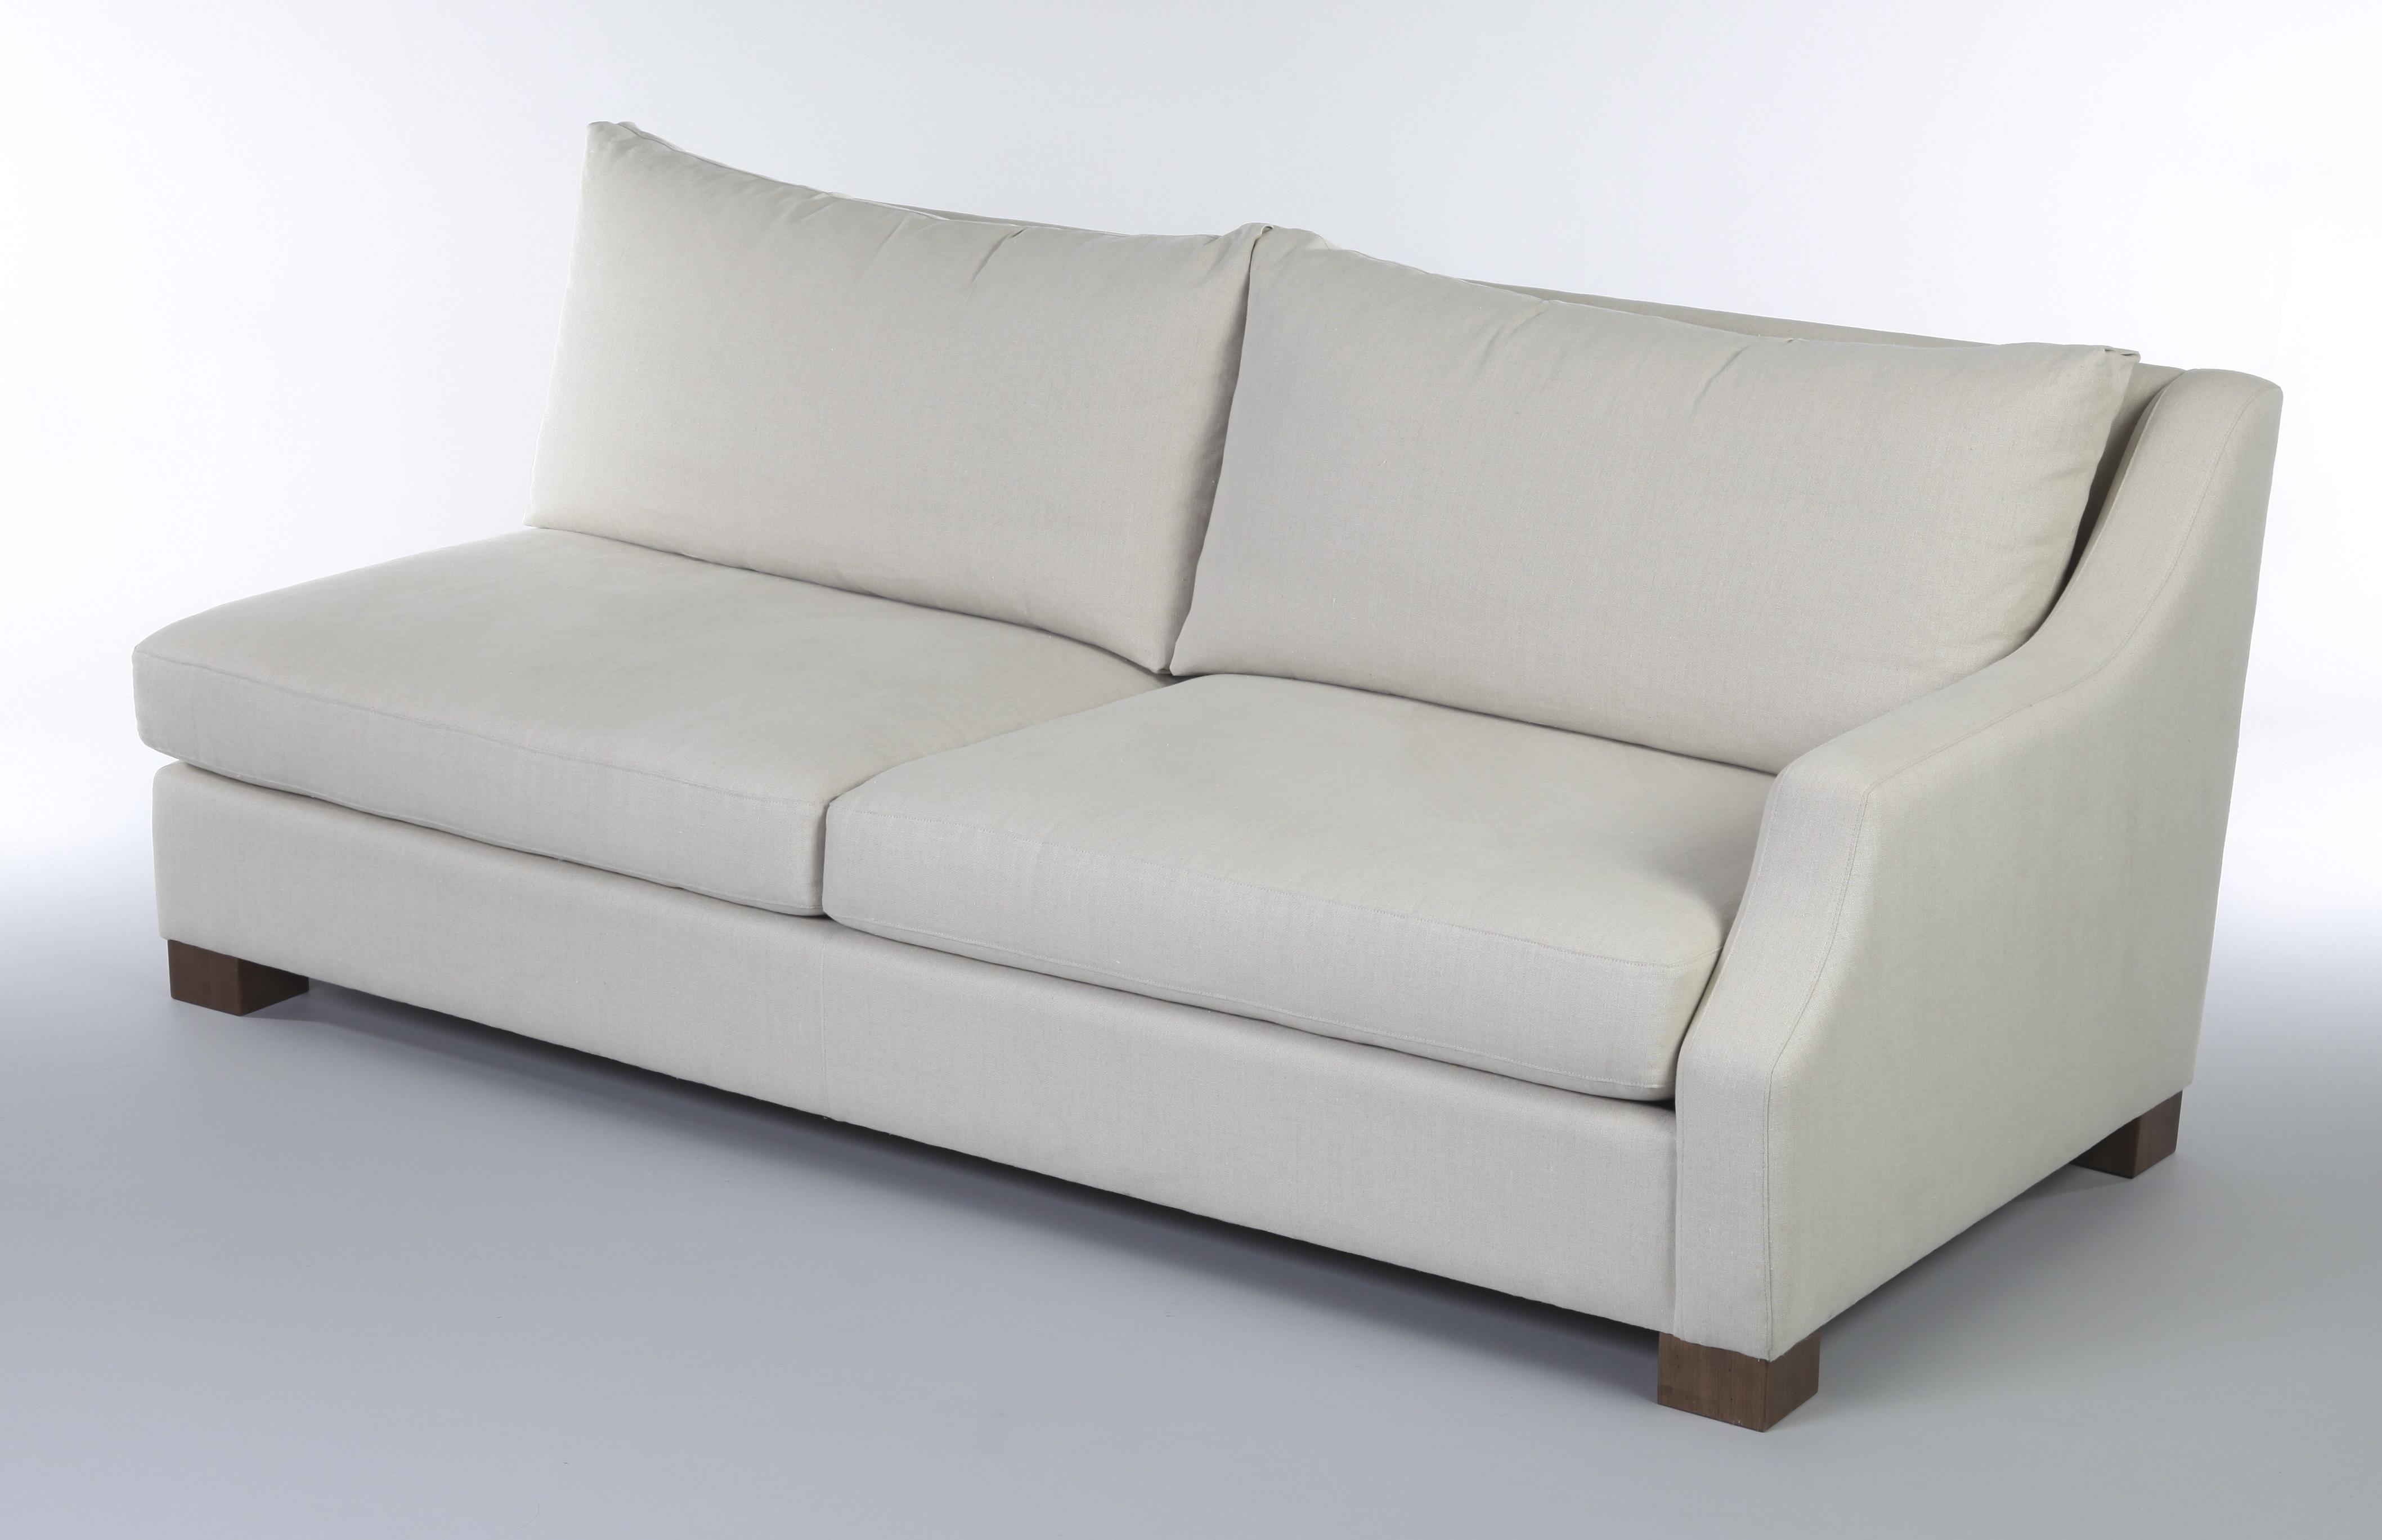 8441 RAF Sofa